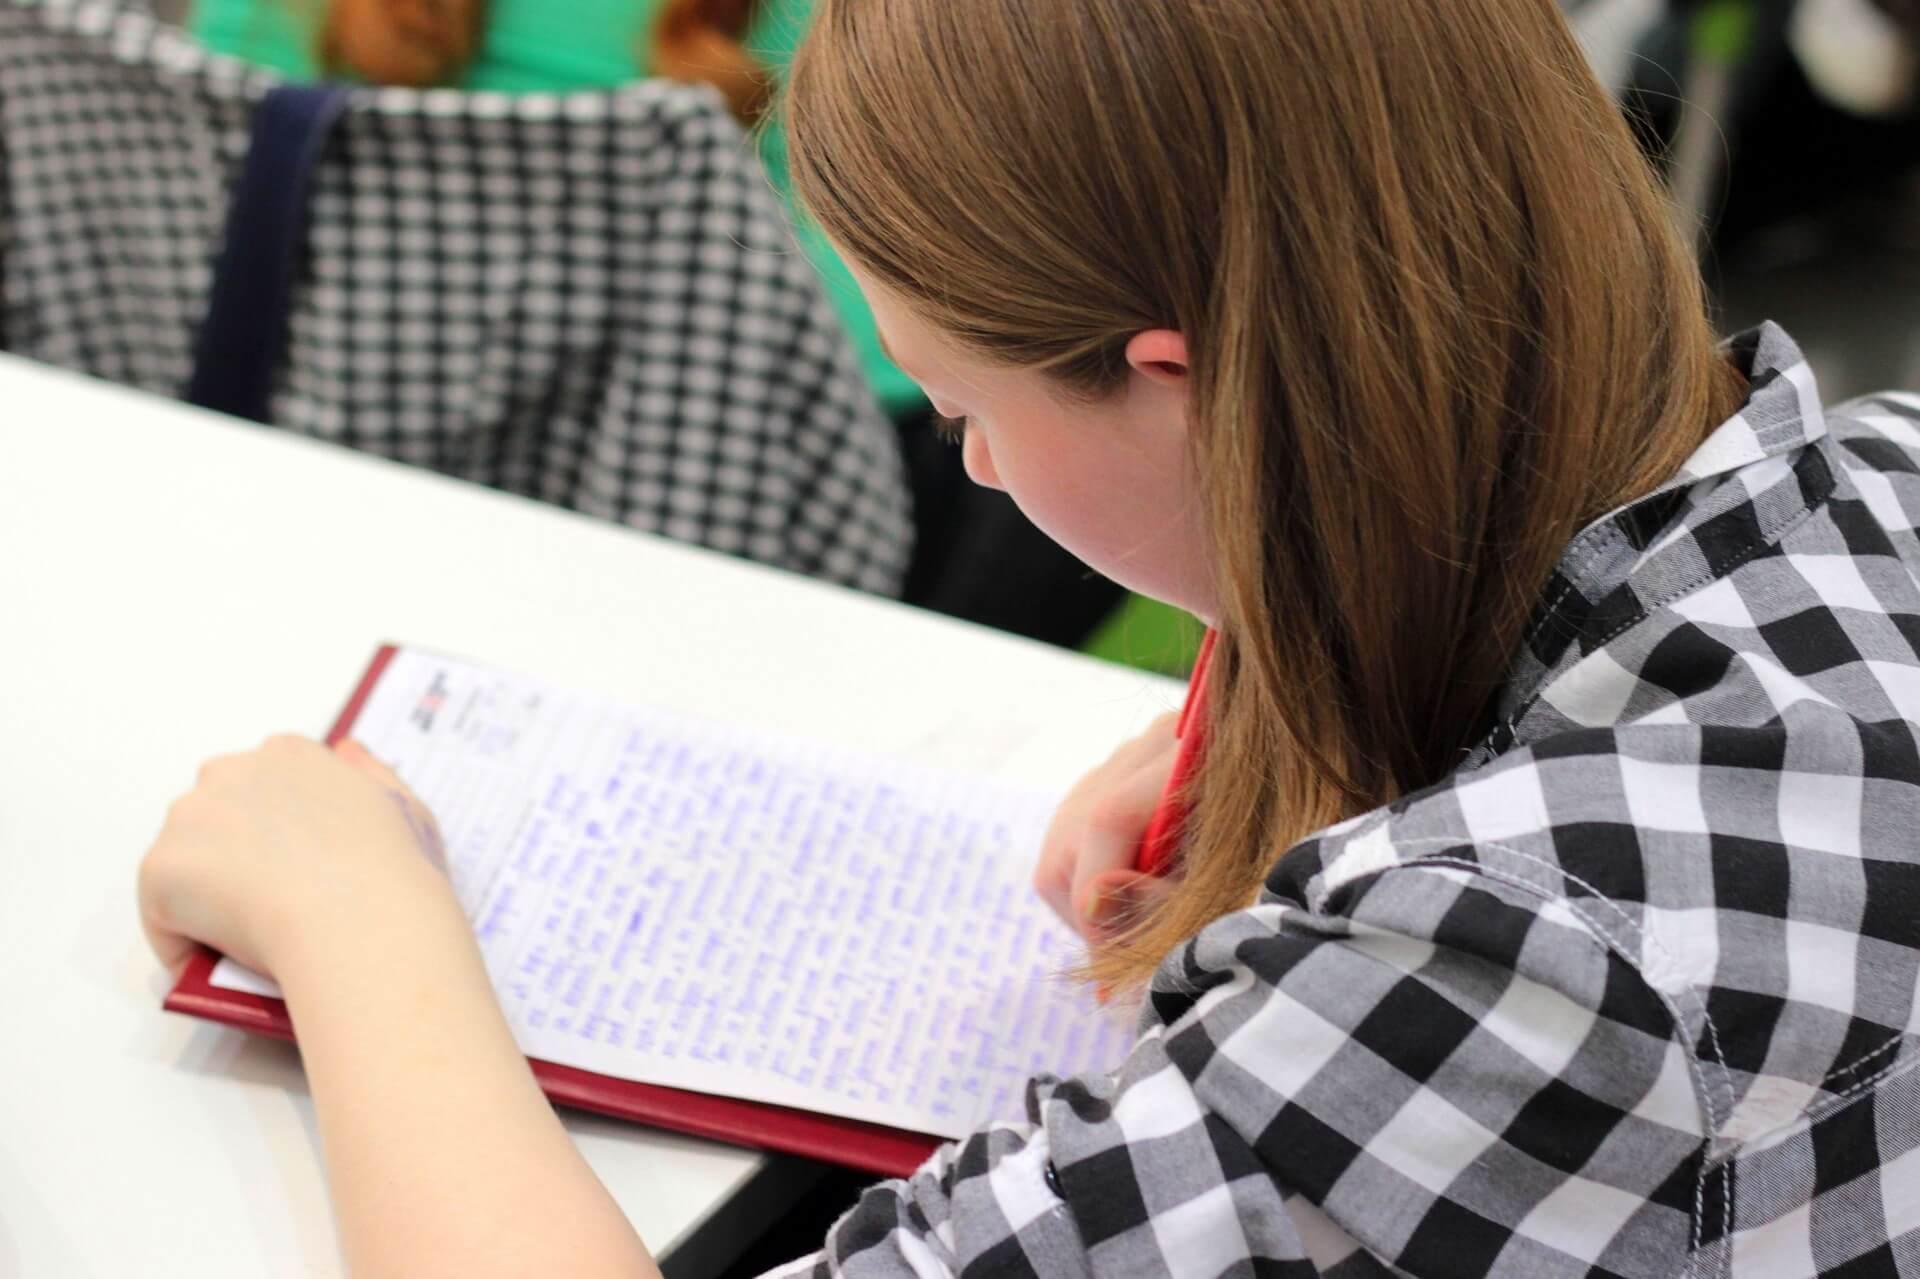 Pogledajte kako se tisuće učenika preko praznika priprema za testove